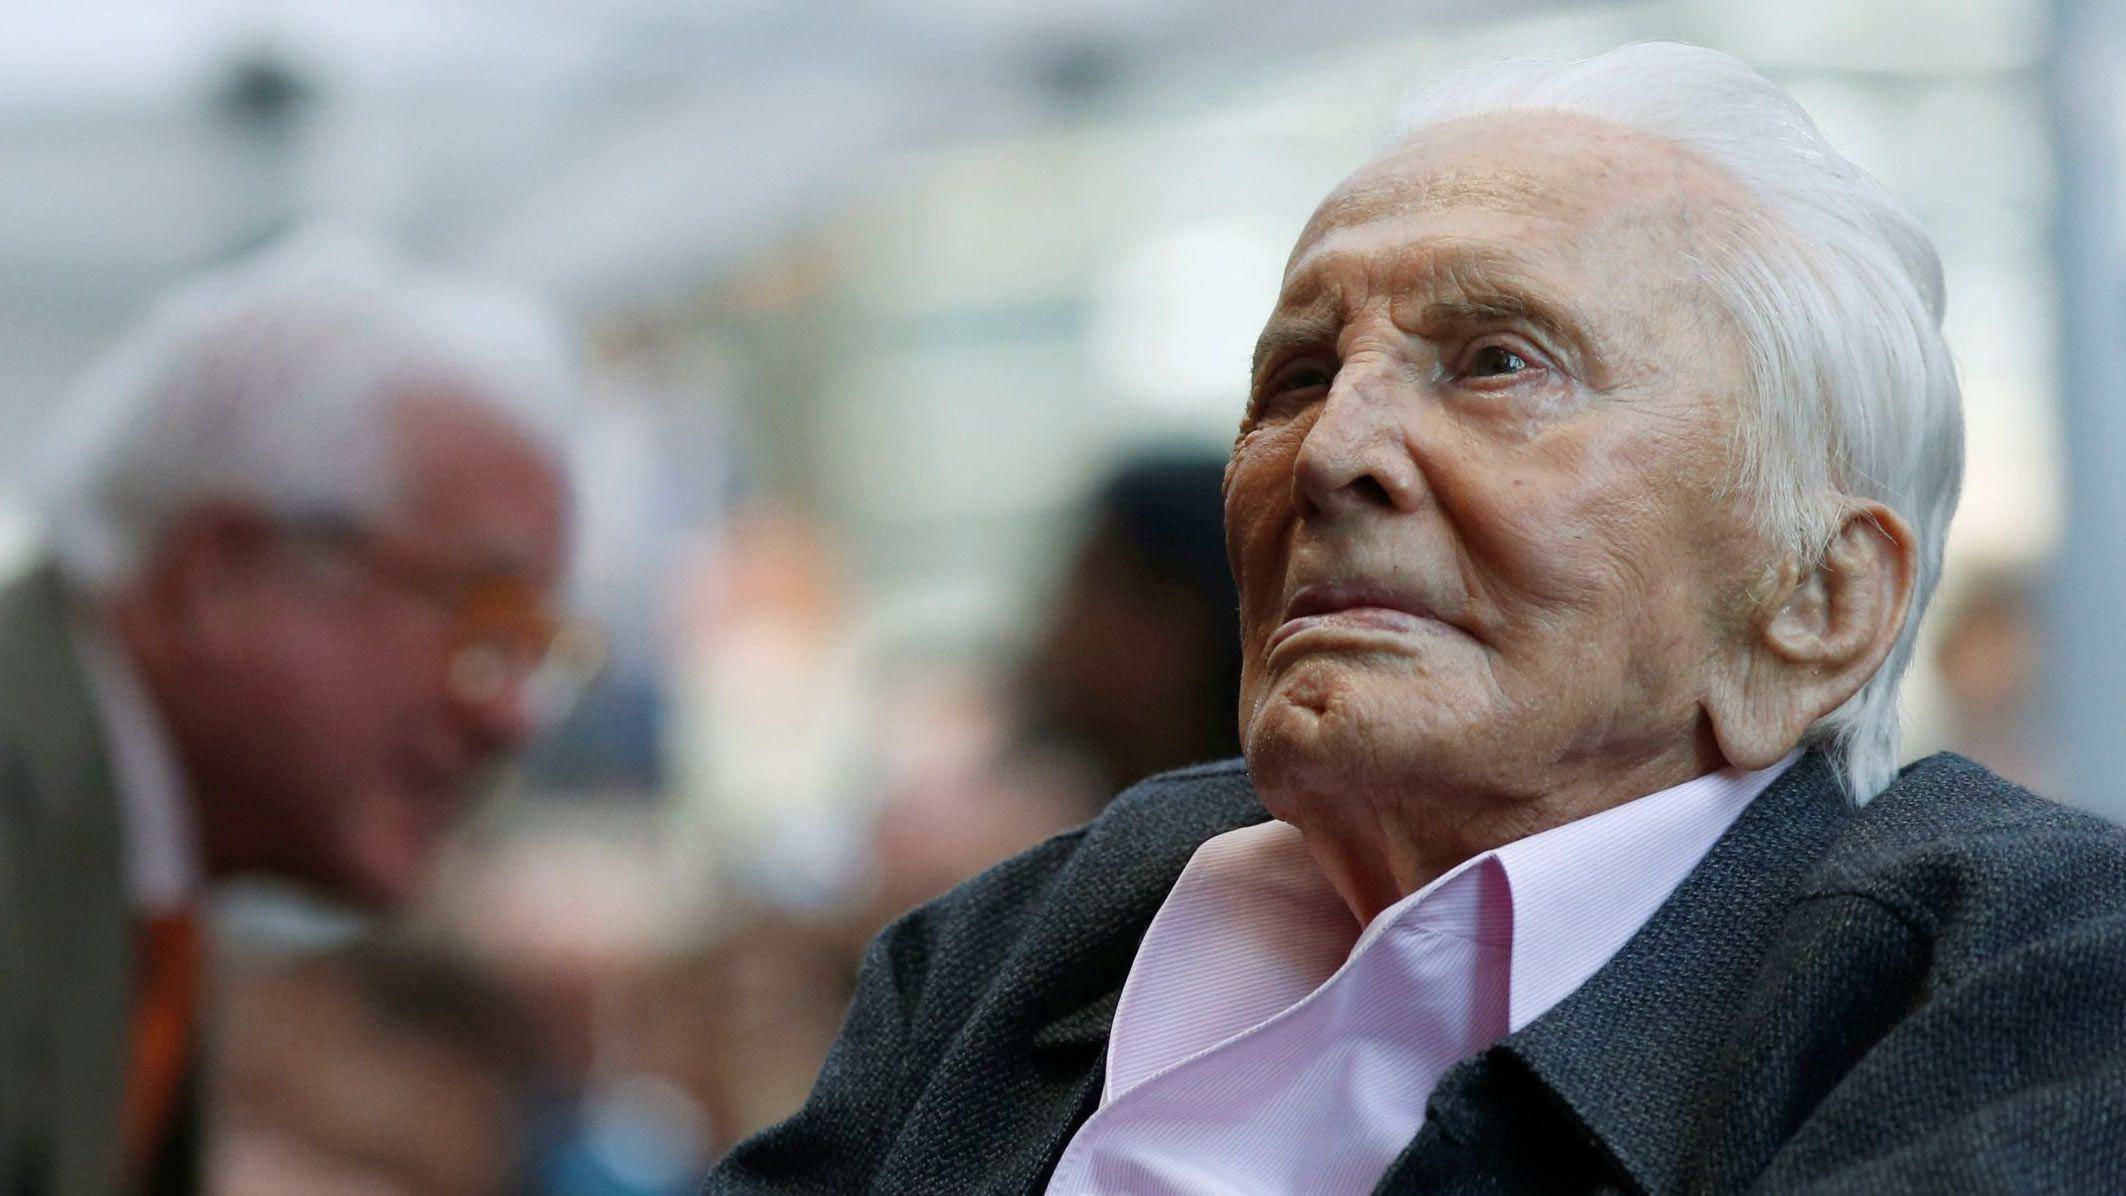 Douglas cumple este 9 de diciembre 103 años